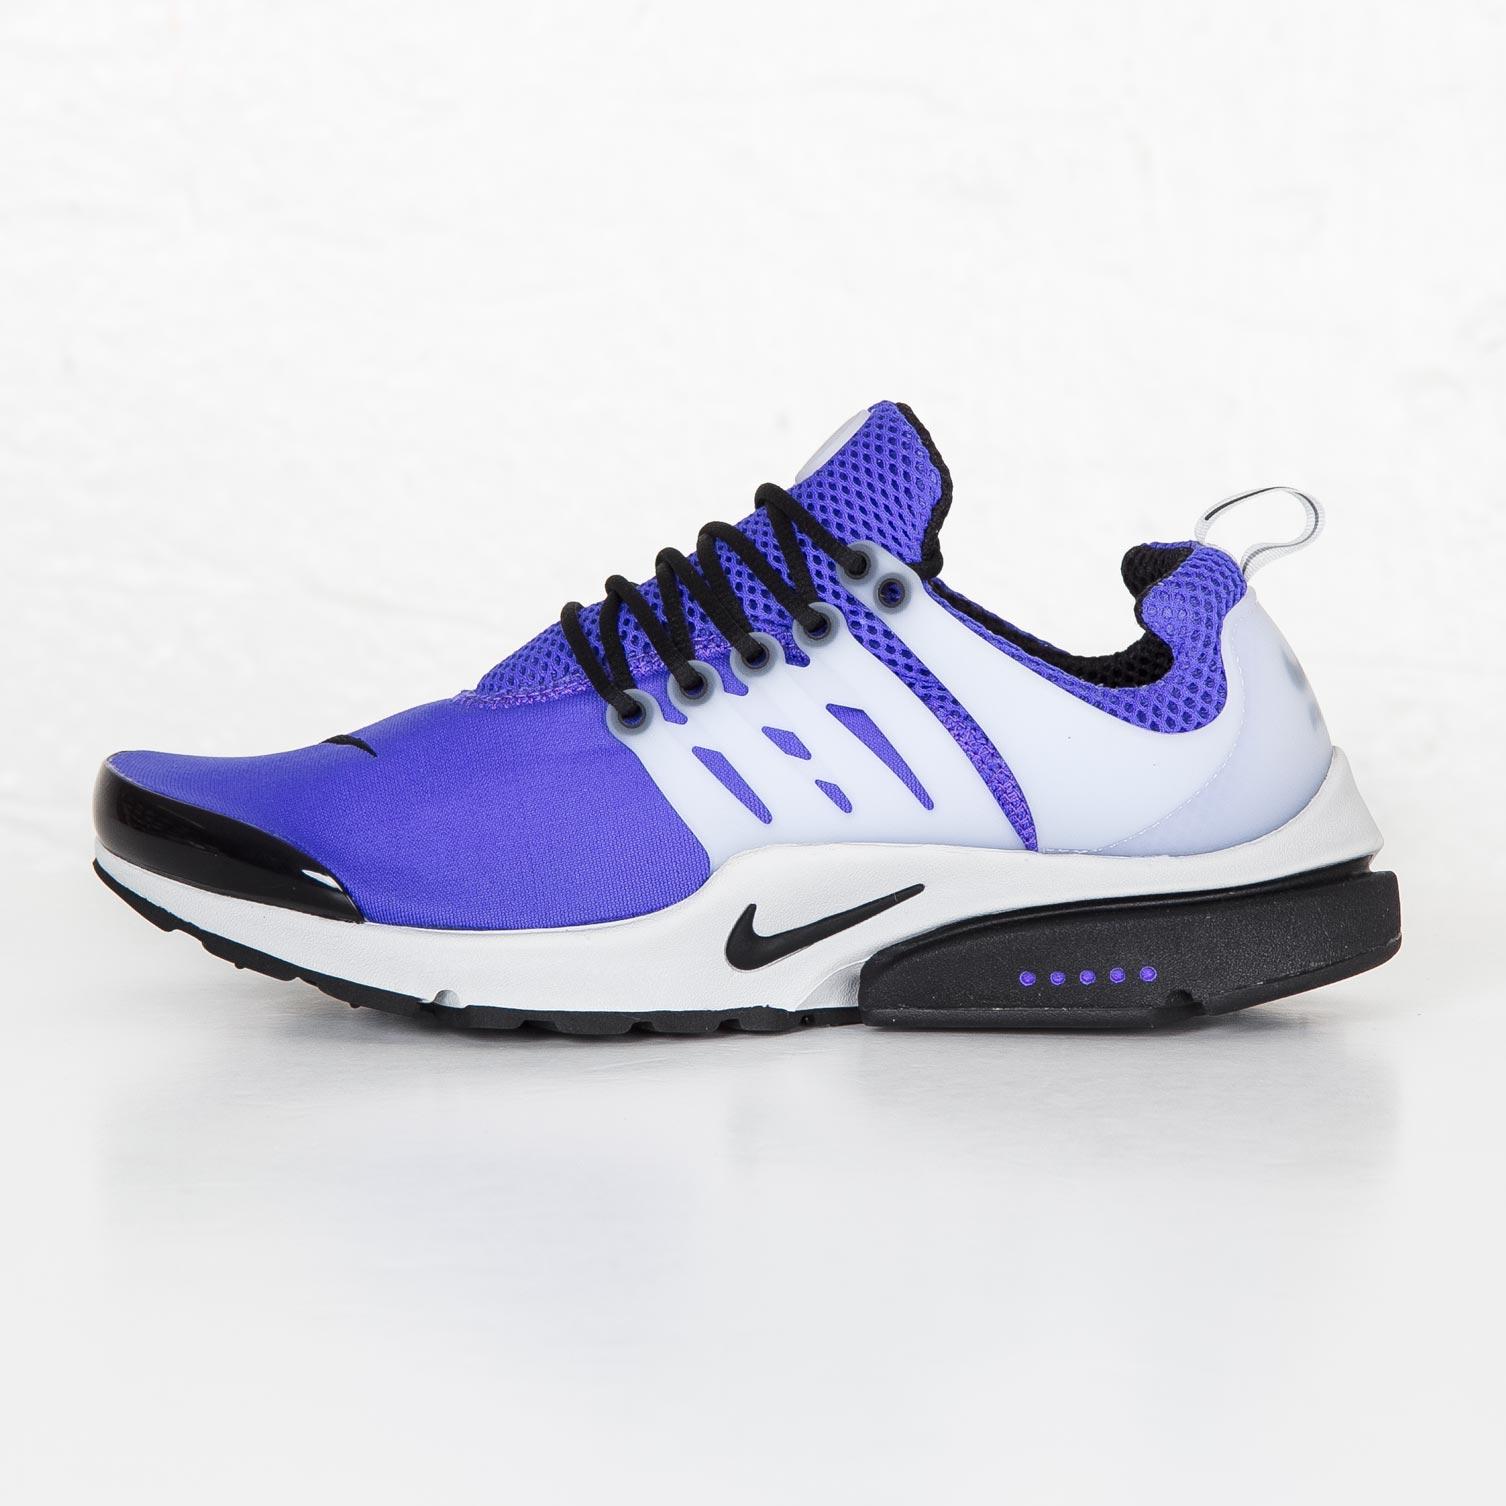 Nike Air Presto 305919 501 Sneakersnstuff sneakers